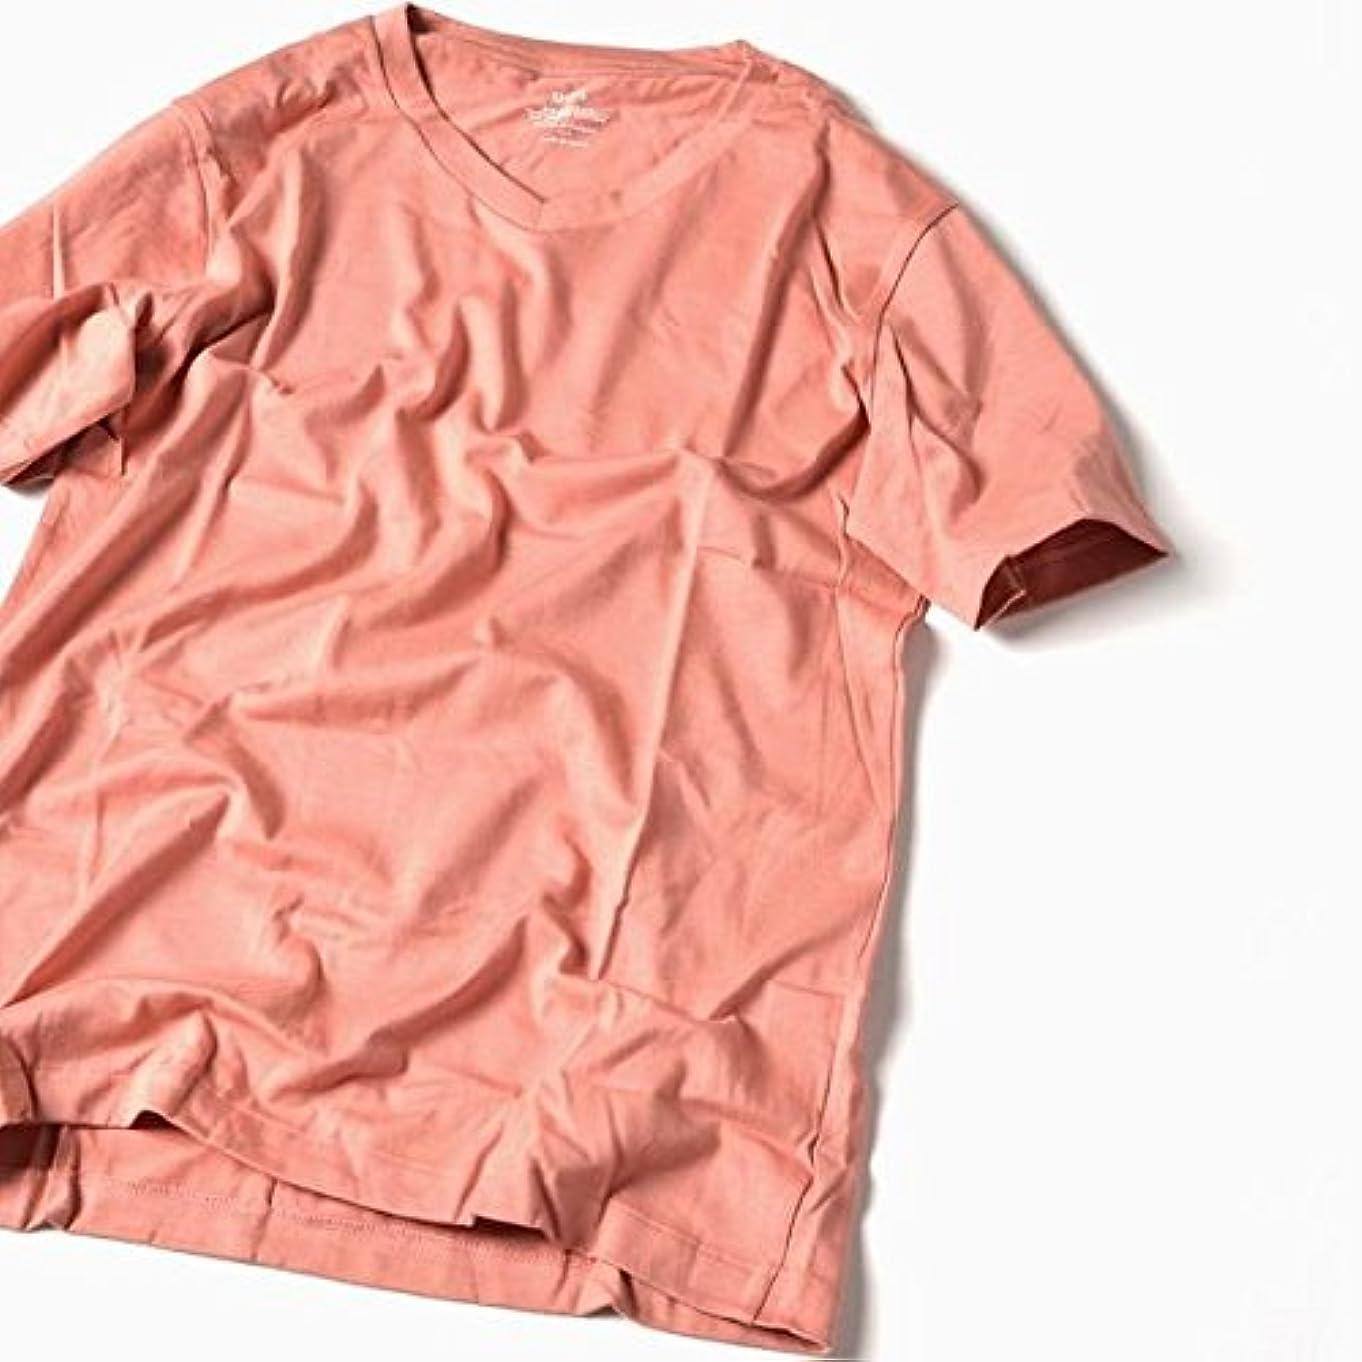 ホーンチャンバー悪名高いシップス(メンズ)(SHIPS) SC: アメリカンシーアイランドコットン Vネック Tシャツ